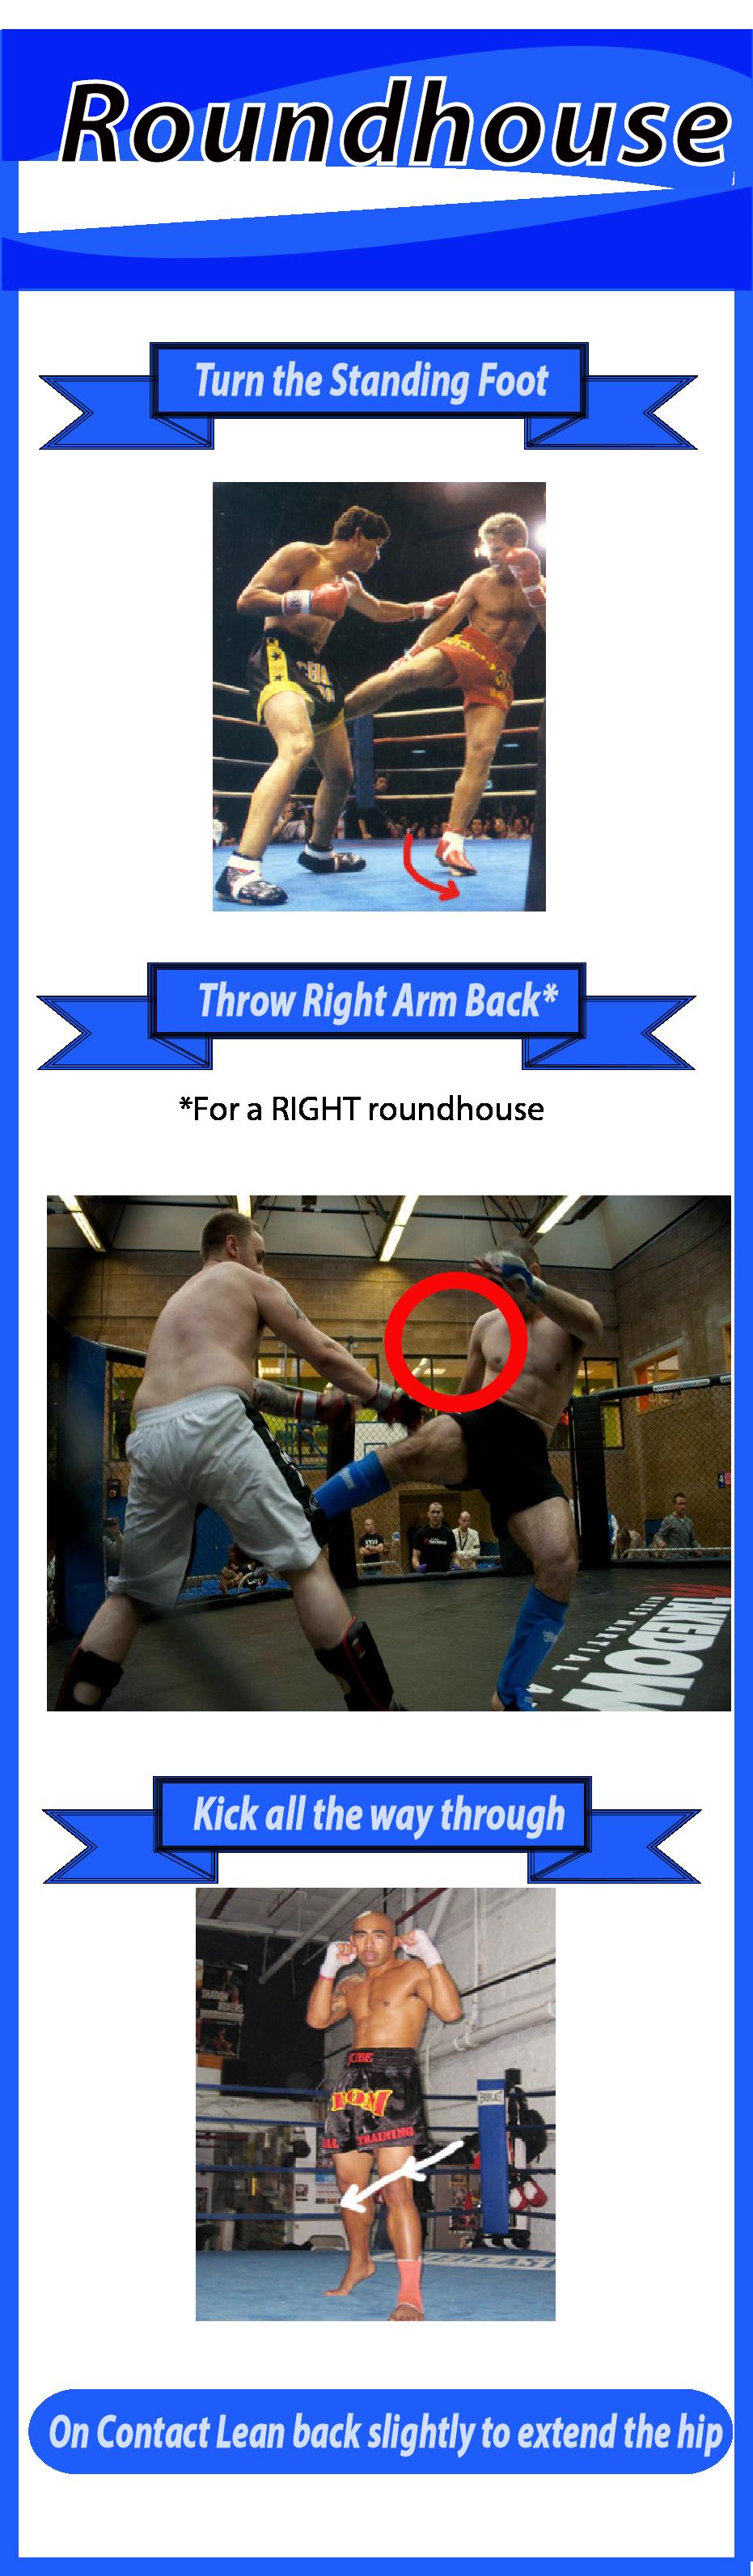 Roundhouse Kick technique